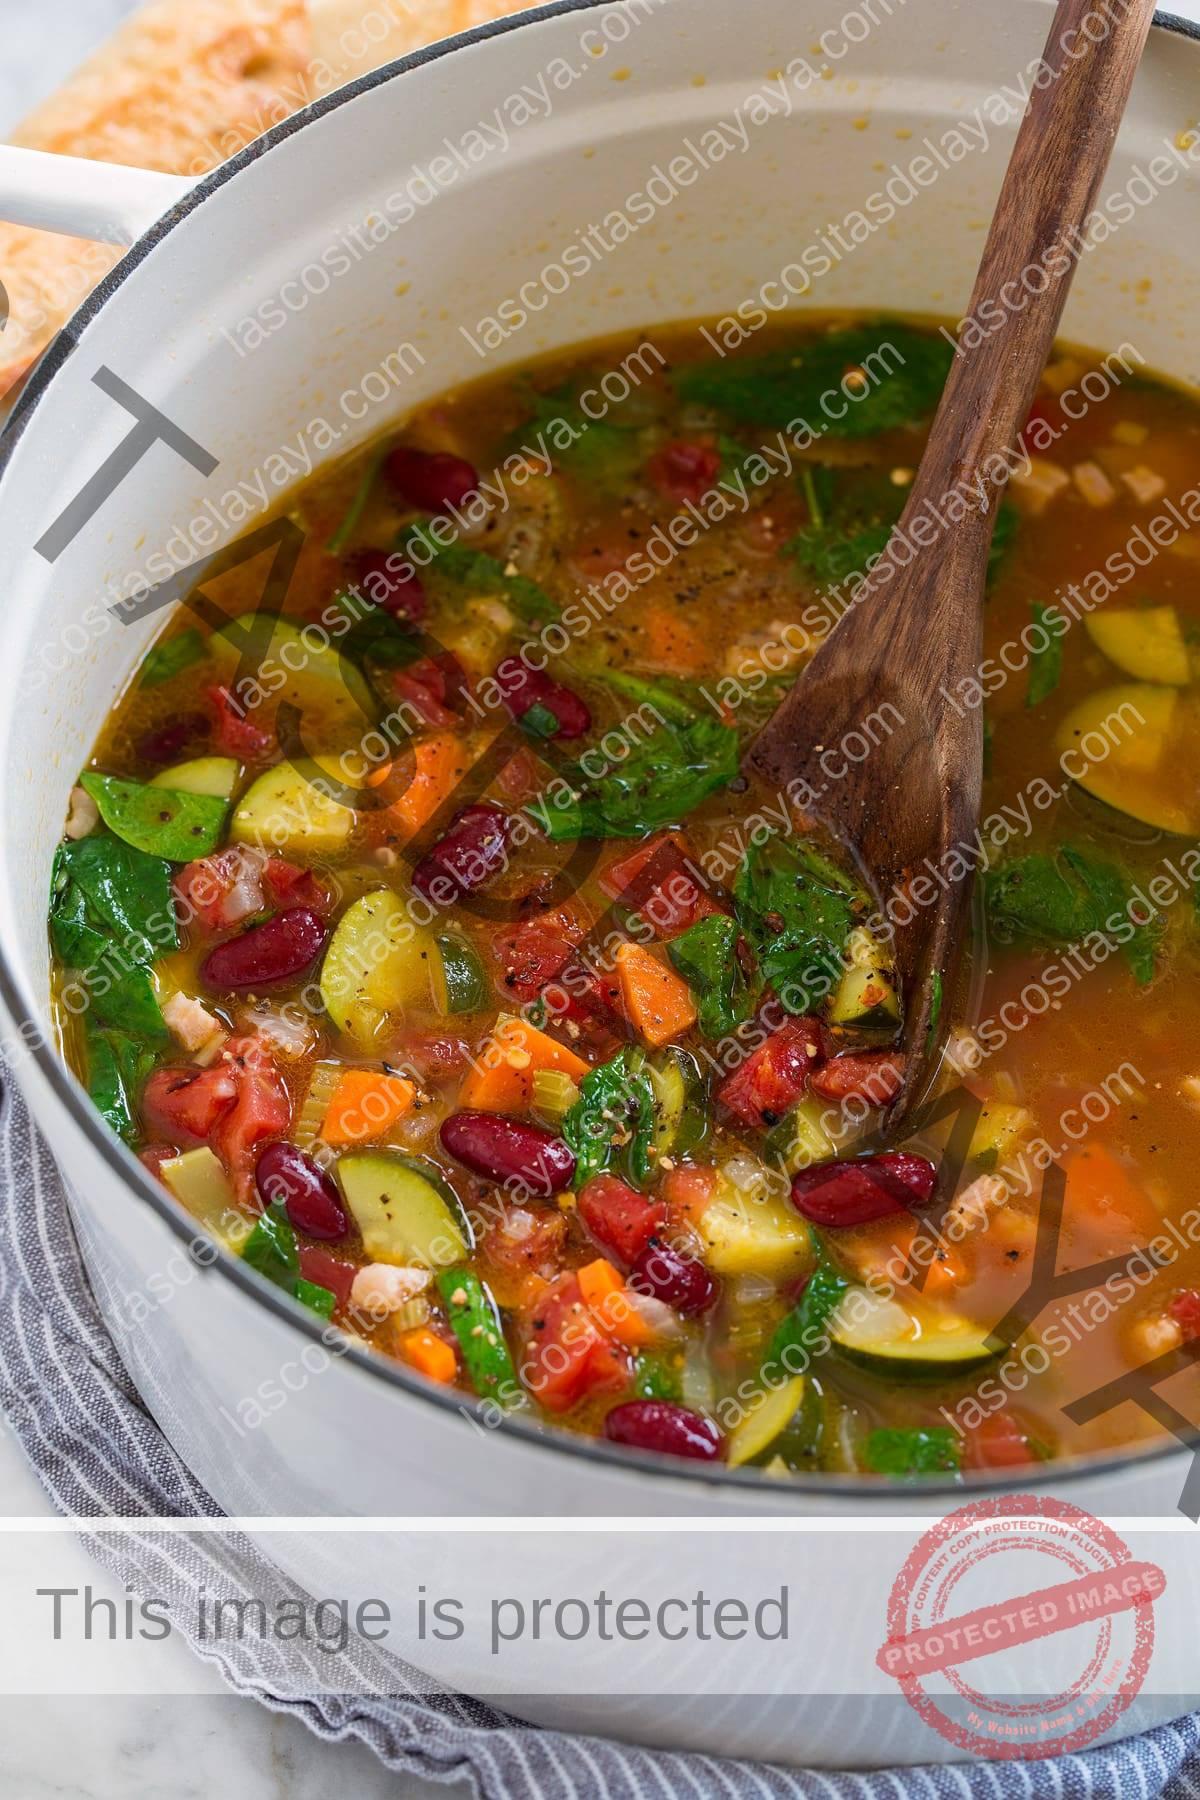 Olla llena de sopa minestrone que se muestra en el lateral.